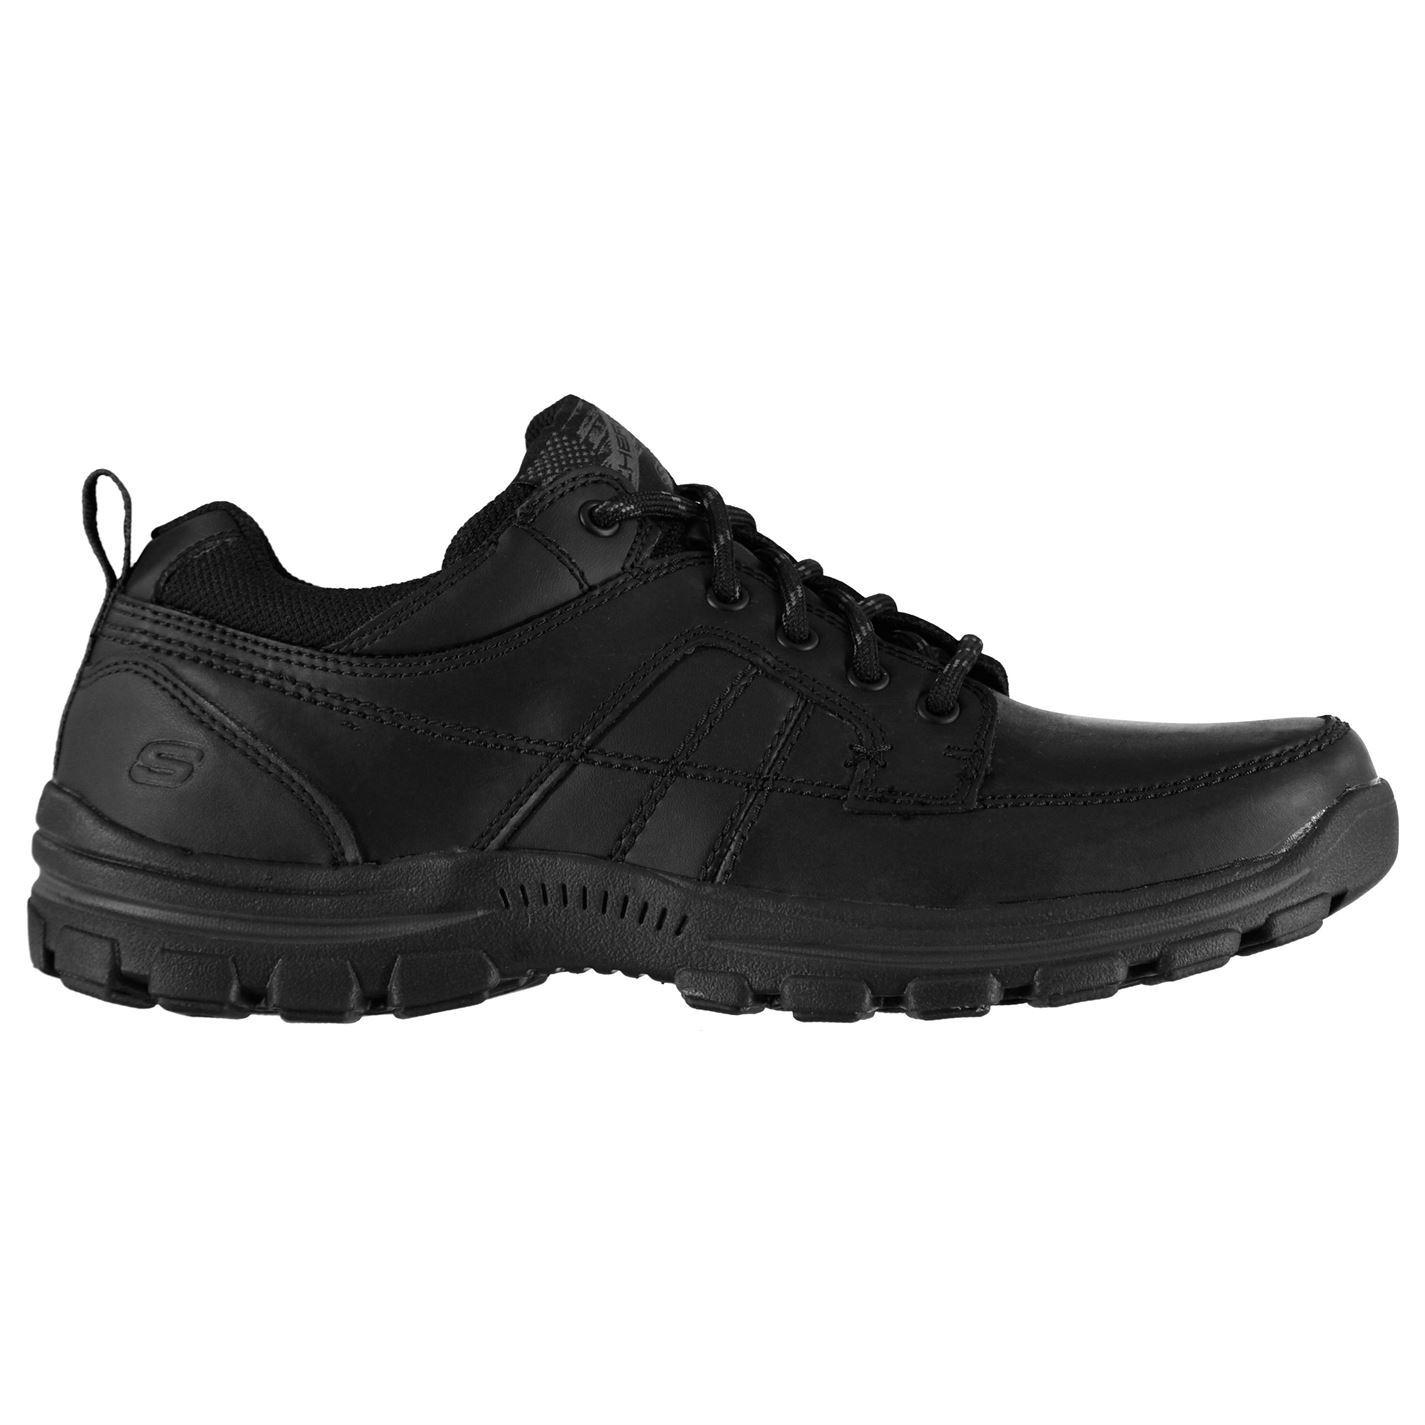 Ralson Diario De Zapatillas Zapatos Braver Skechers Calzado Hombre OqwWpag6g